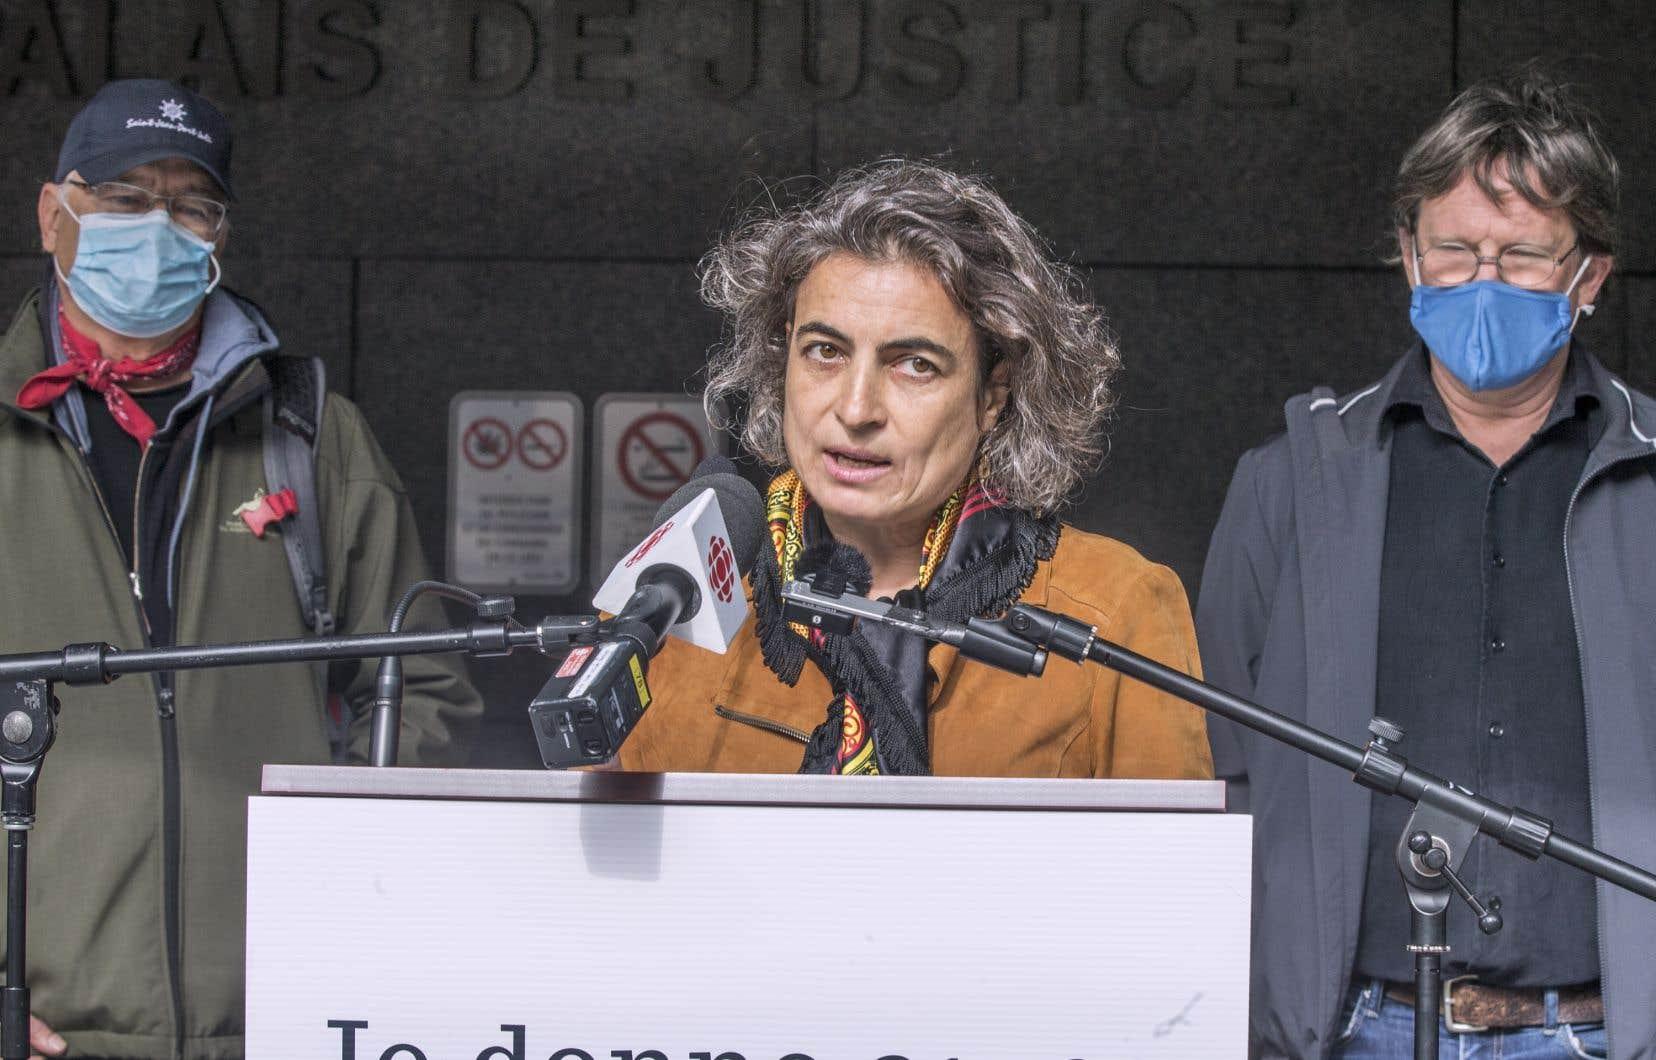 Le Mouvement laïque québécois veut que la loi sur la laïcité de l'État soit maintenue et appuie le gouvernement québécois qui la défendra en cour.